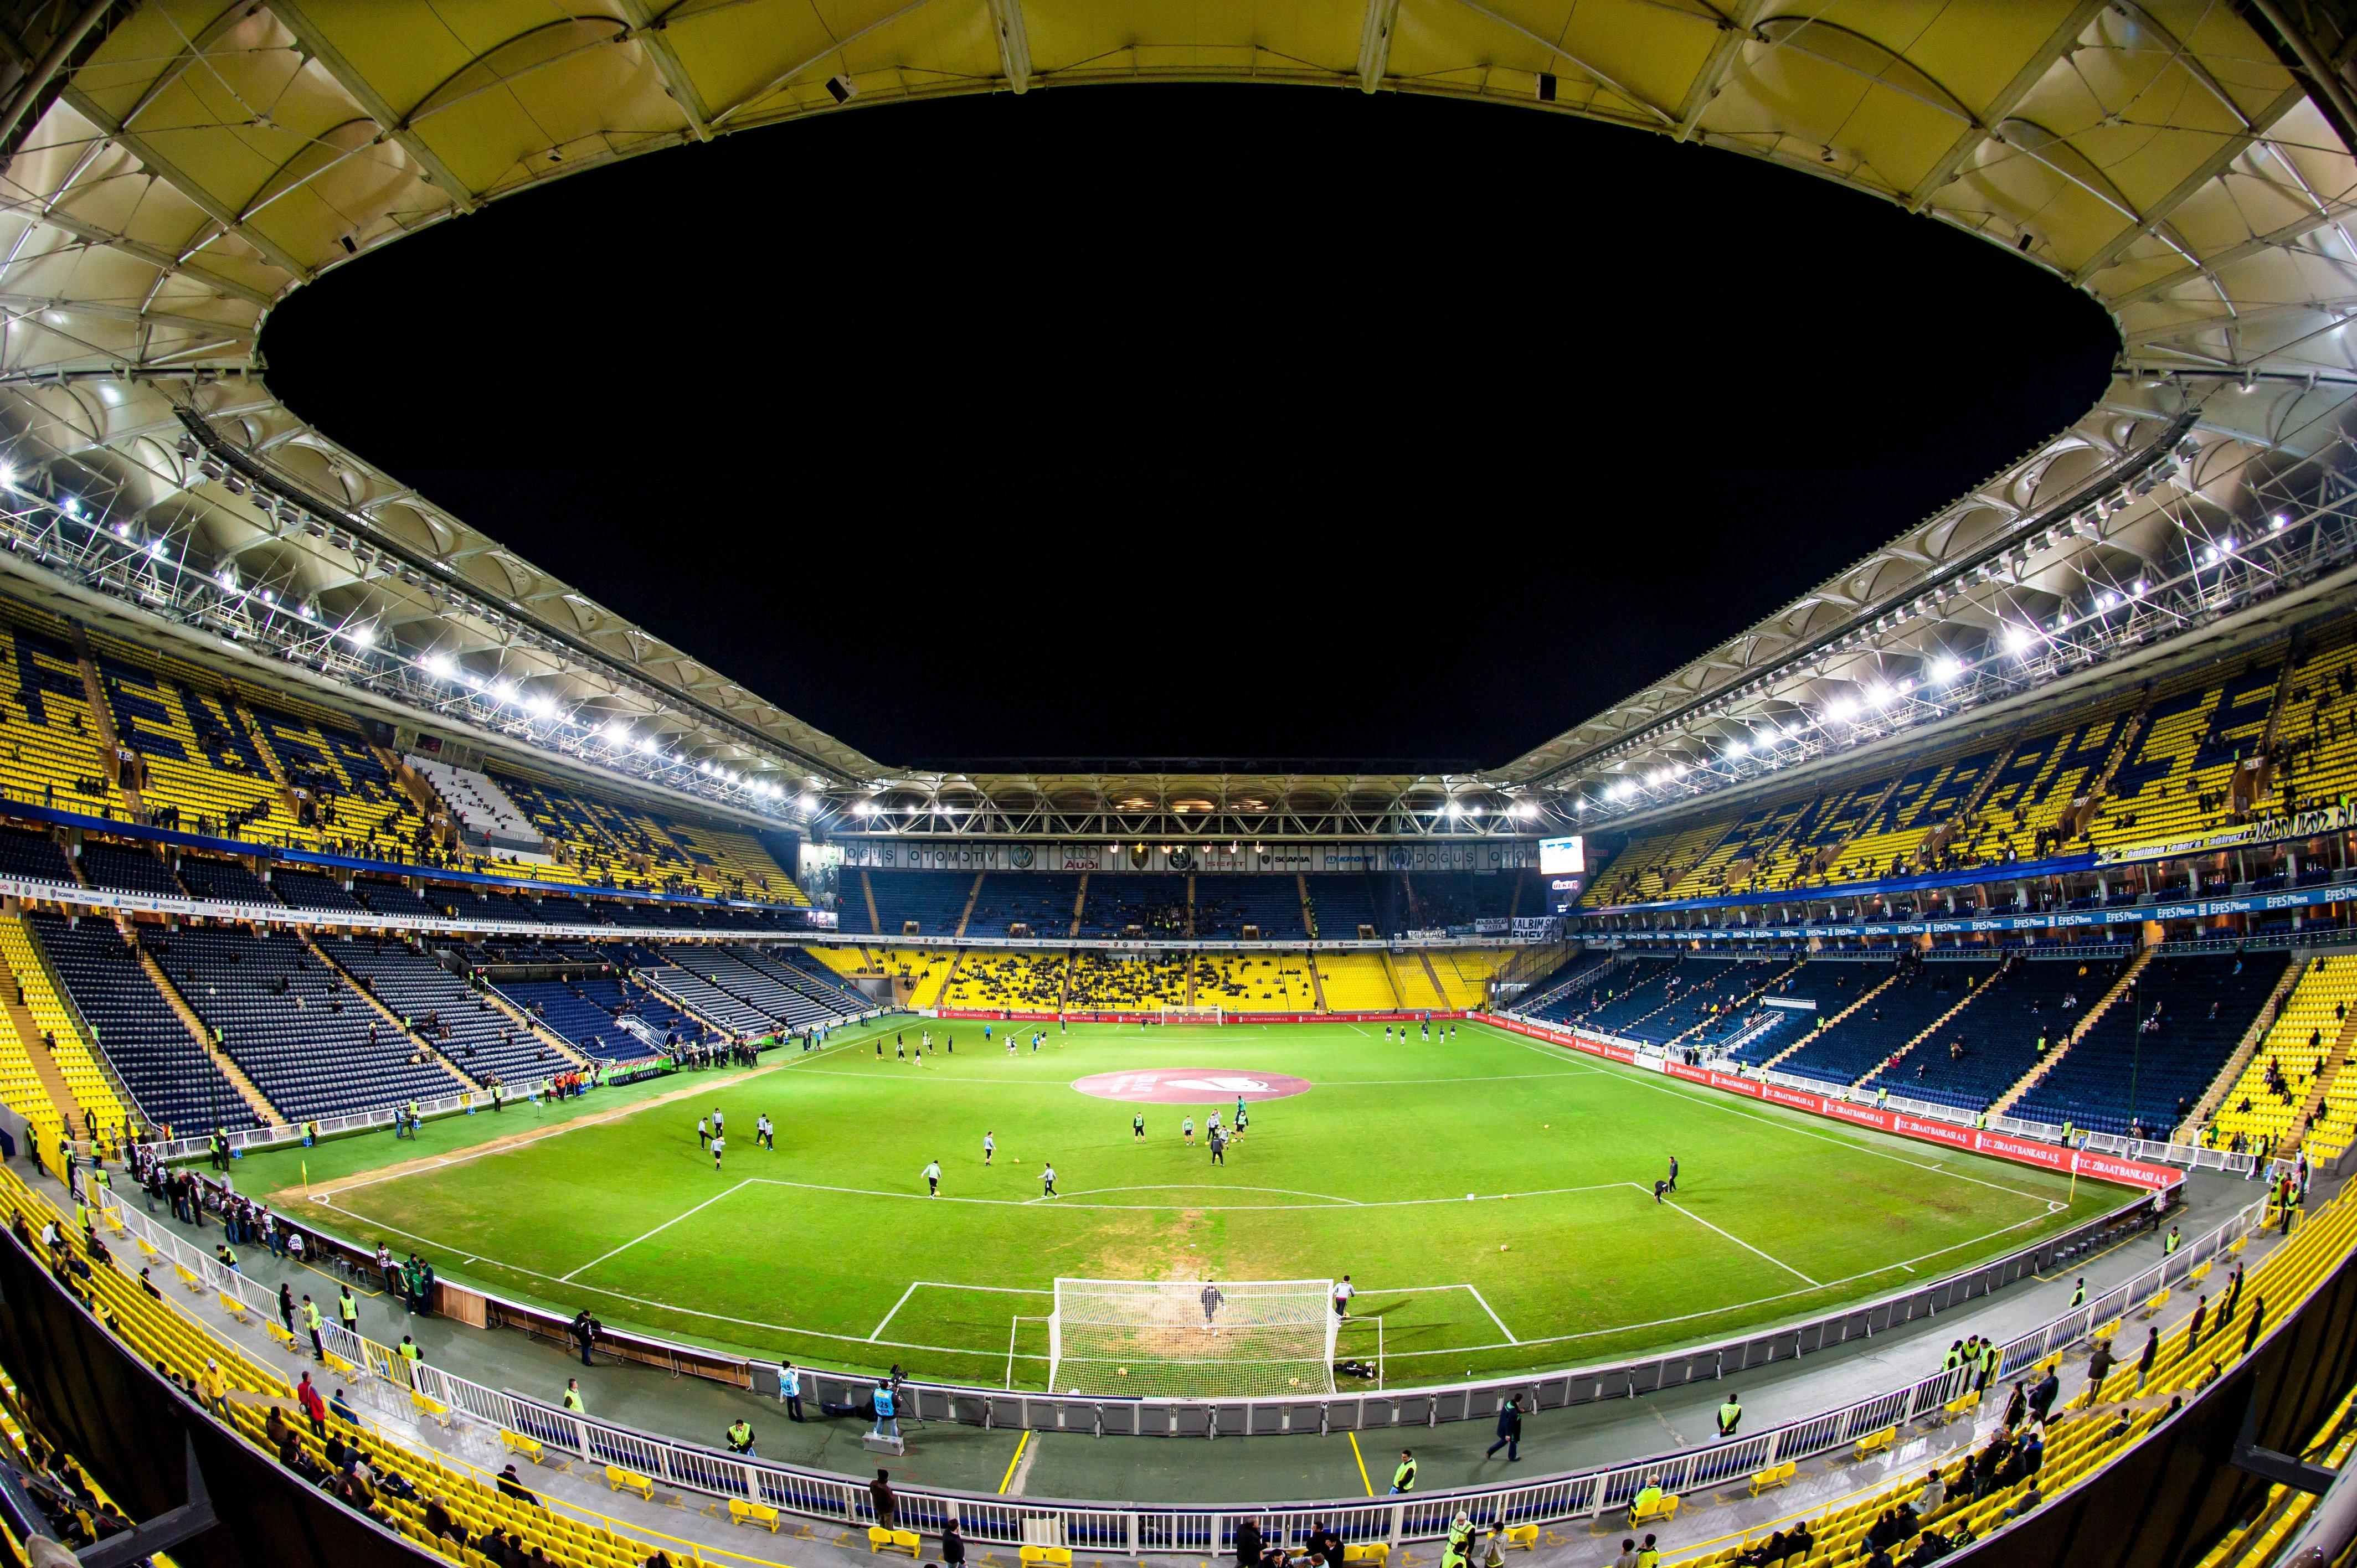 soccer stadium in Istanbul